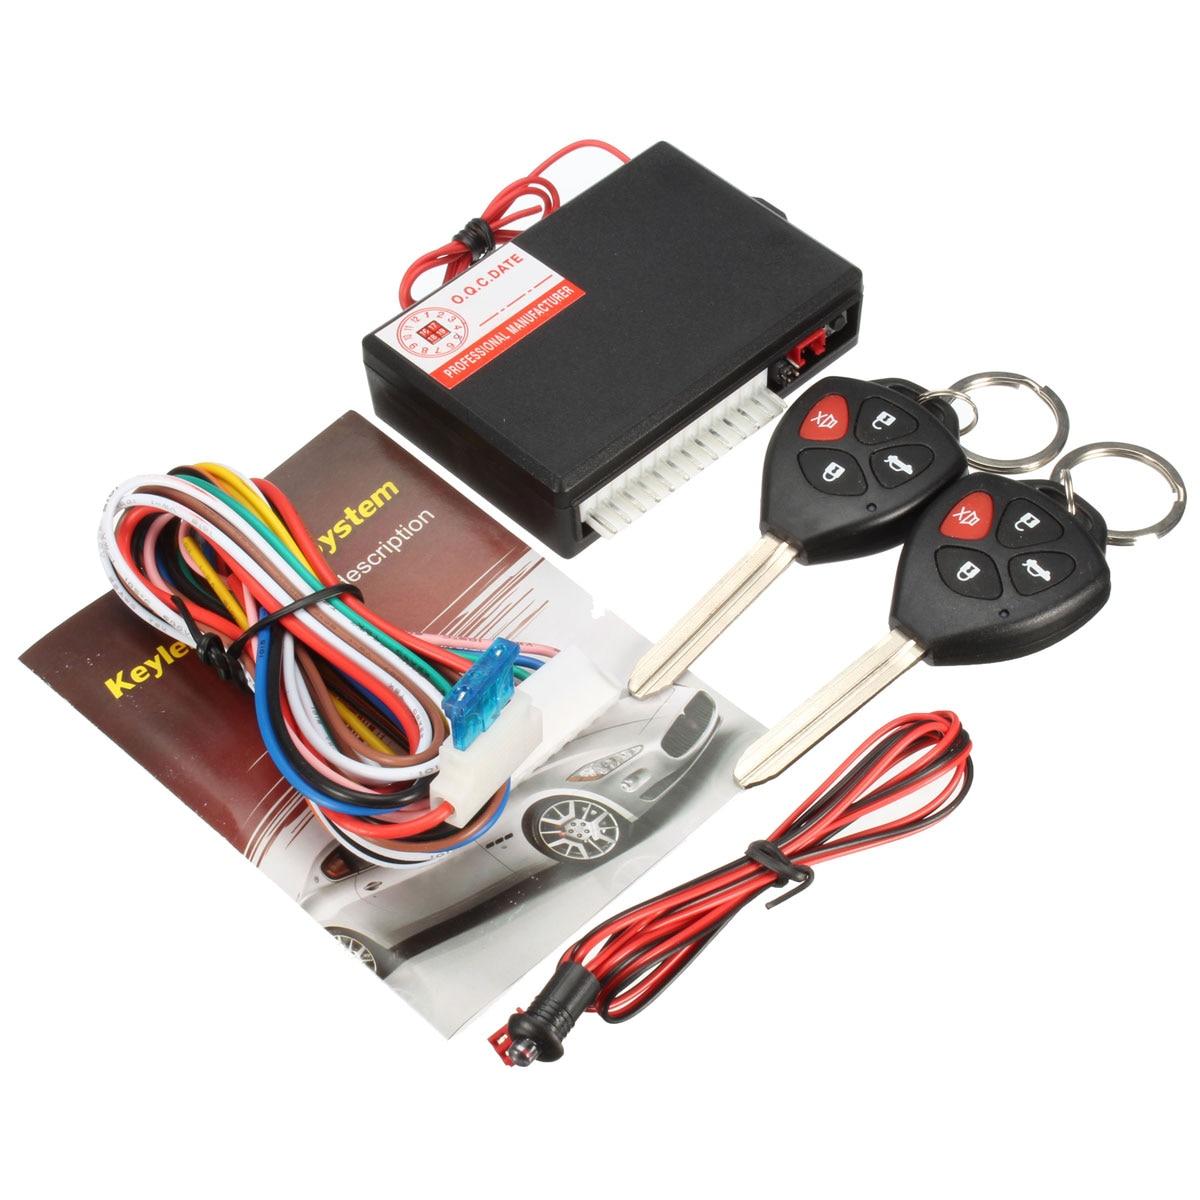 imágenes para Durable Negro 12 V Del Coche Del Vehículo de Alarma Antirrobo Sistema de alarma de Seguridad de Entrada Sin Llave de Bloqueo Para Toyota 2 Remoto